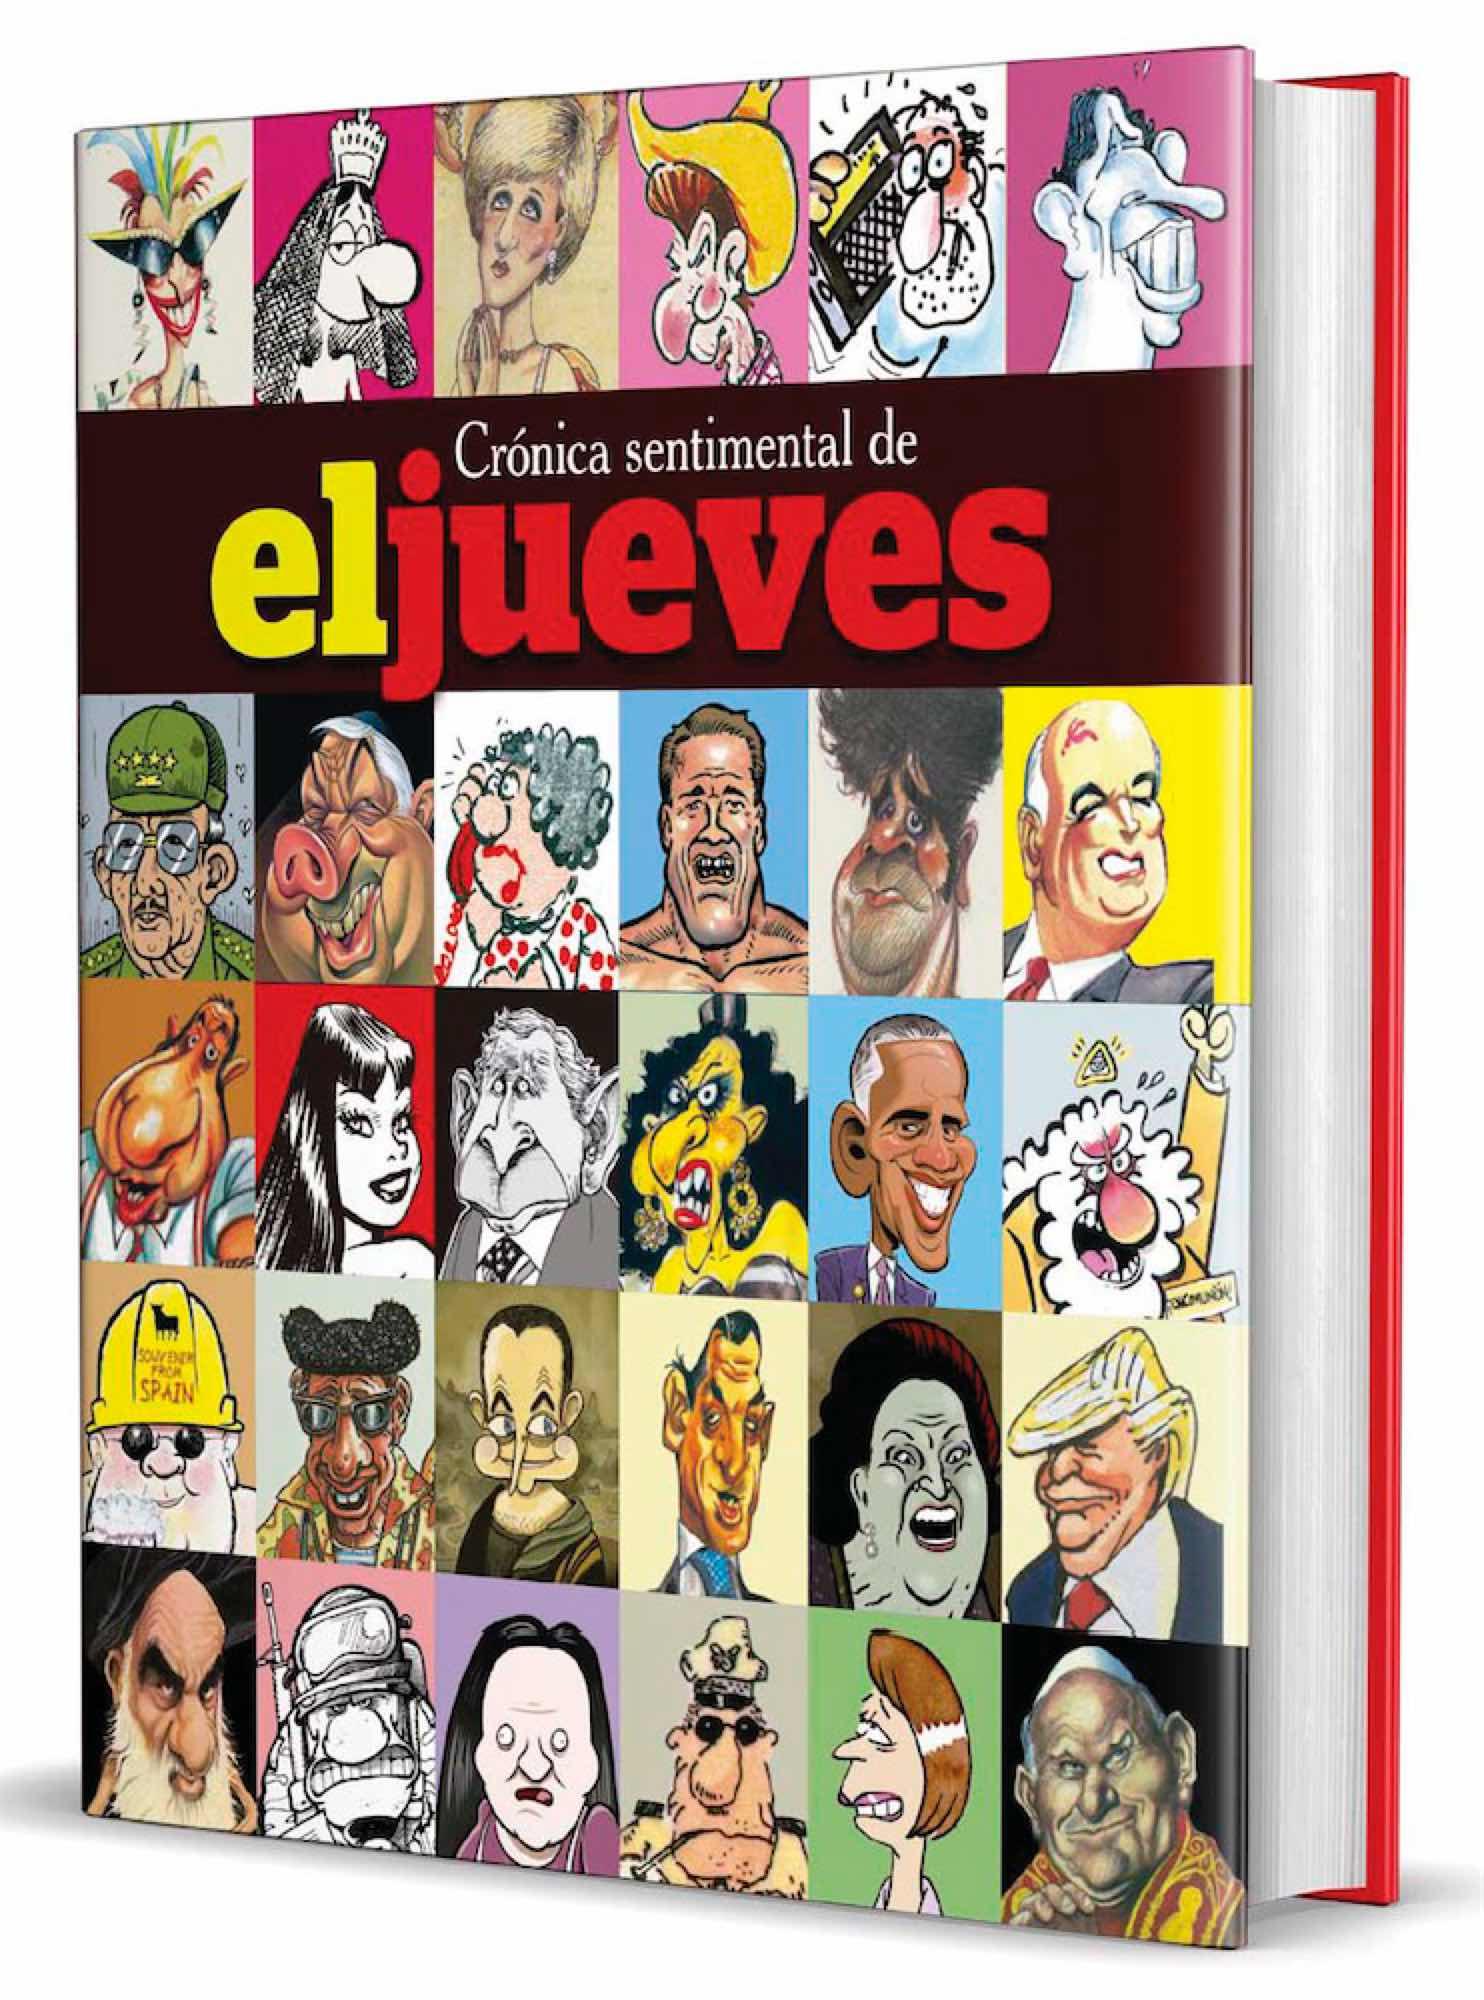 EL JUEVES.CRONICA SENTIMENTAL DE ESPAÑA